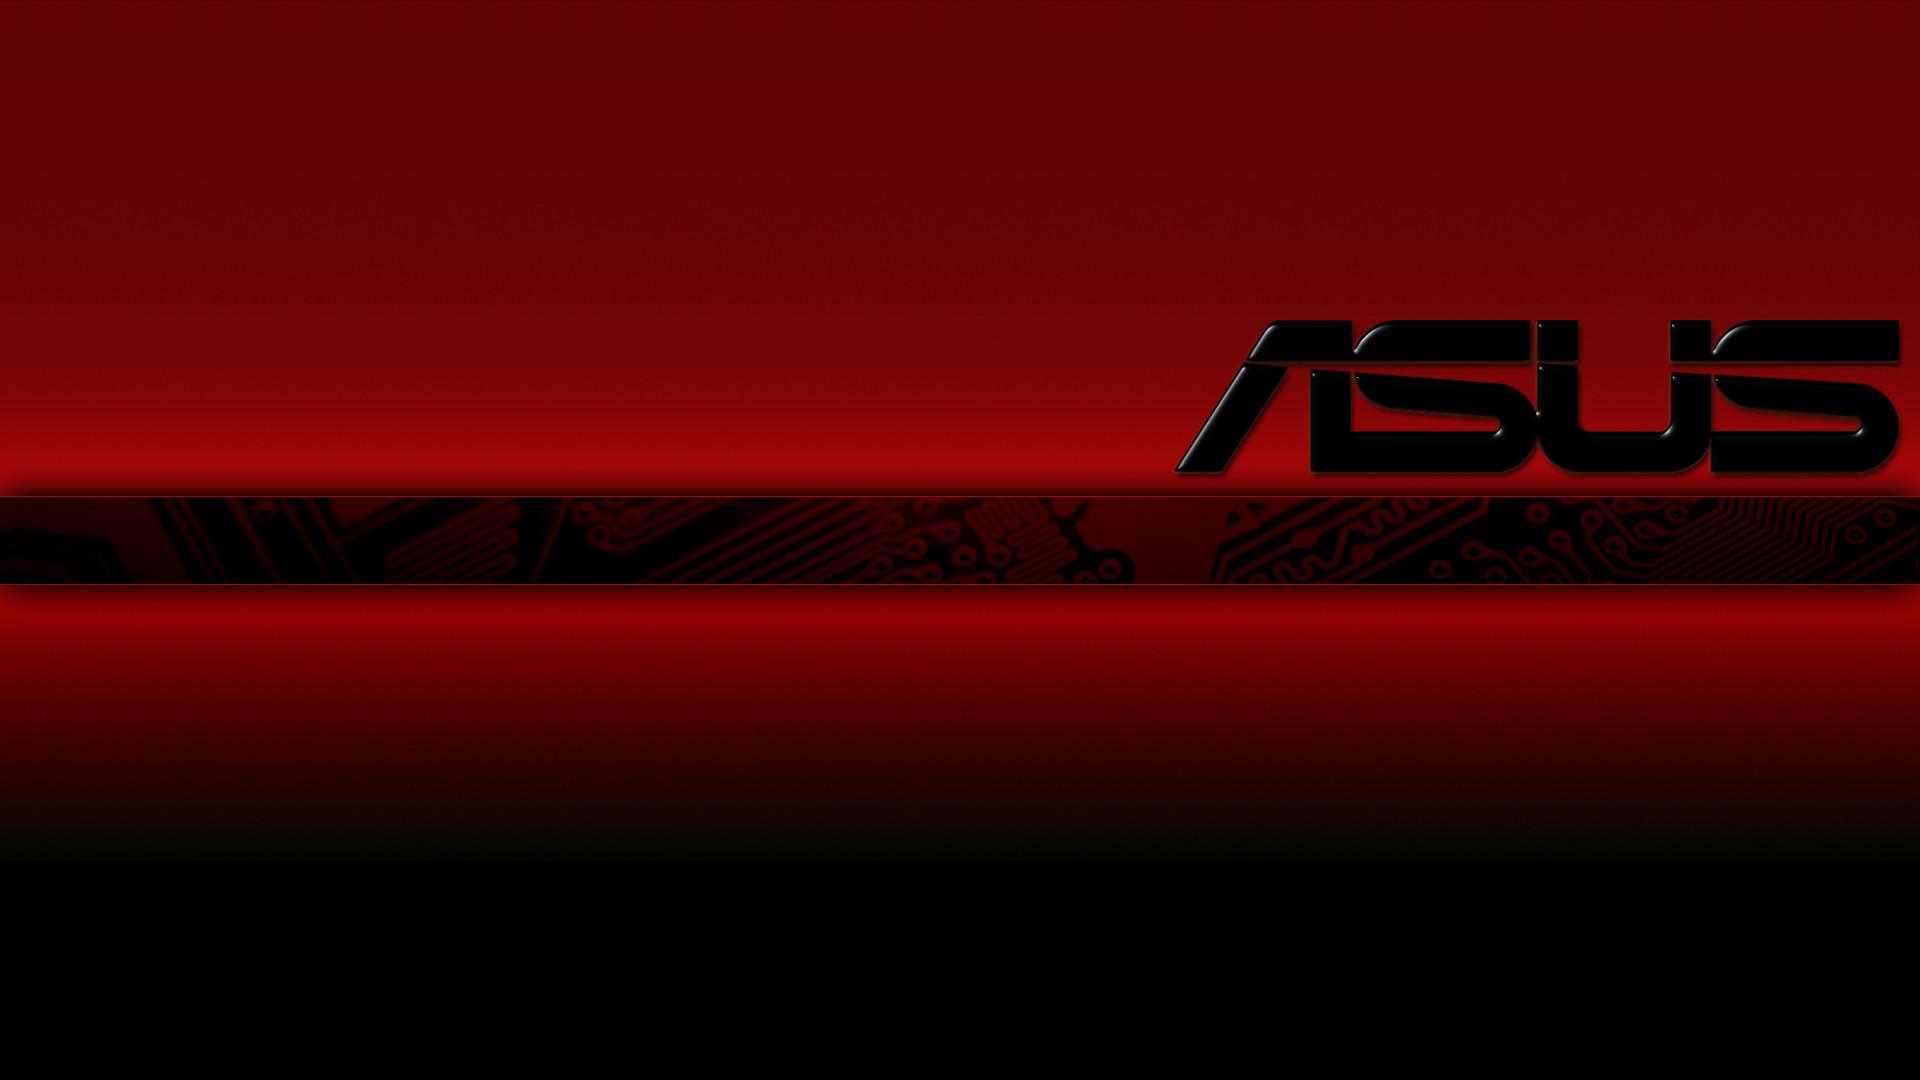 Asus Black Wallpaper: Asus Desktop Wallpaper (69+ Pictures